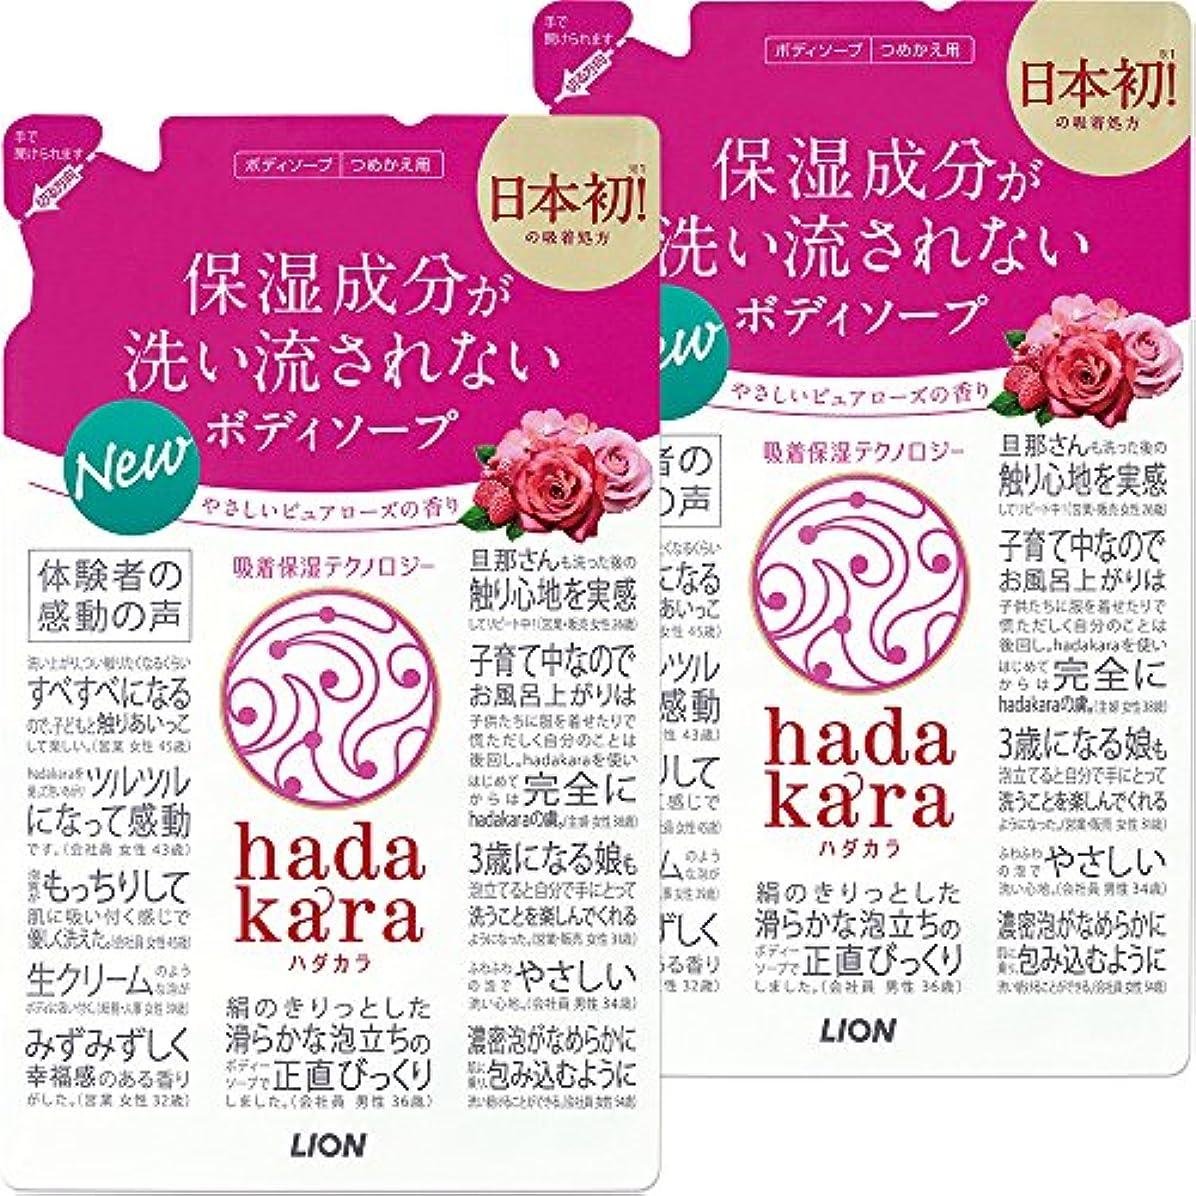 逆説ロケーション無秩序【まとめ買い】hadakara(ハダカラ) ボディソープ ピュアローズの香り 詰め替え 360ml×2個パック